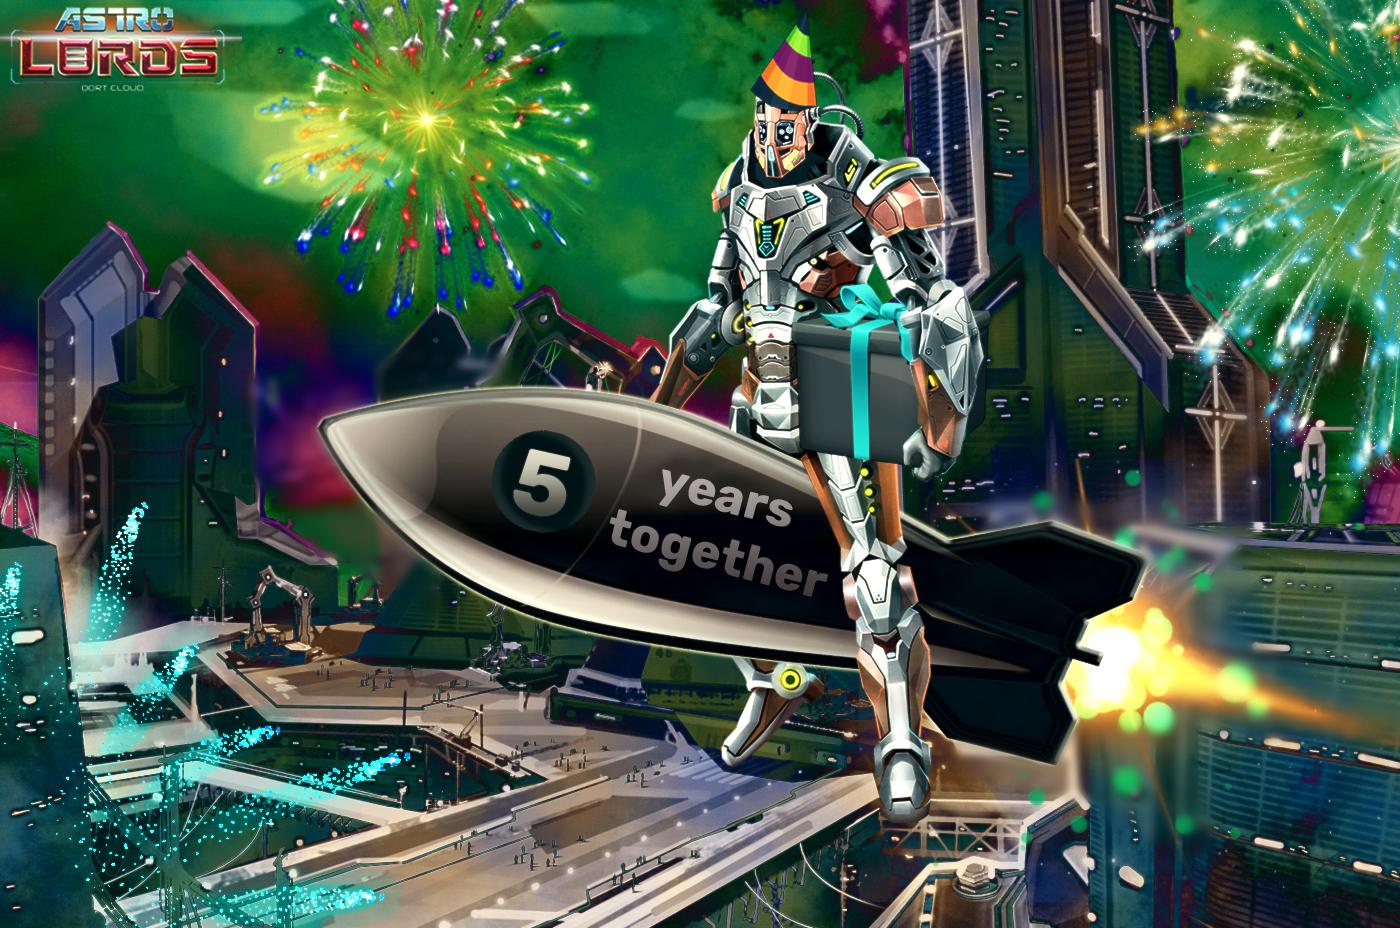 astrolords birthday game mmo space 30 may bonus week